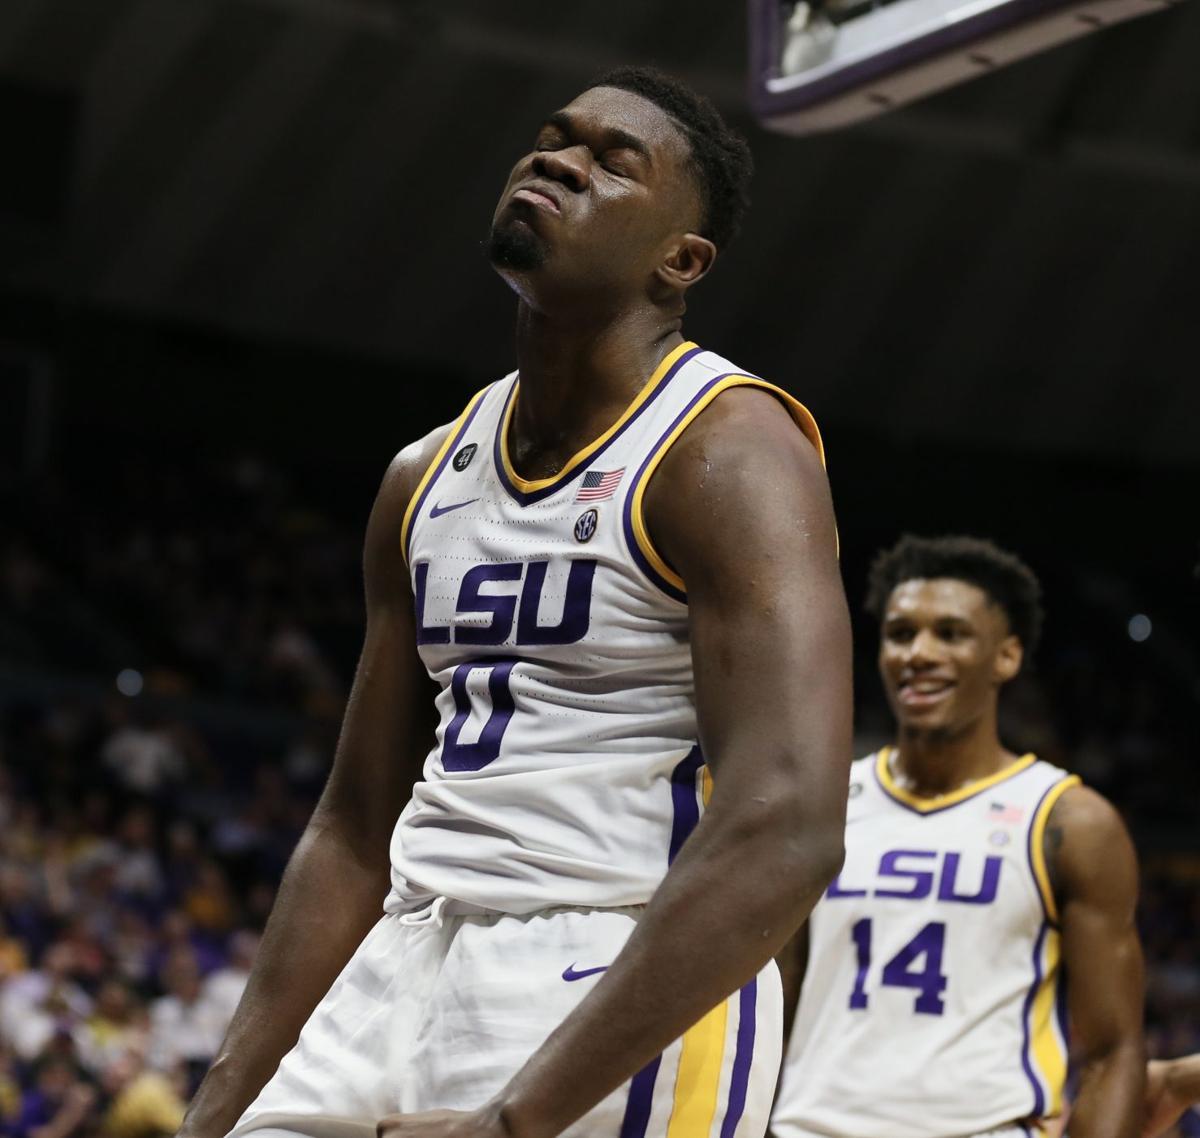 LSU forward Darius Days (0) enjoys the moment following a basket..jpg